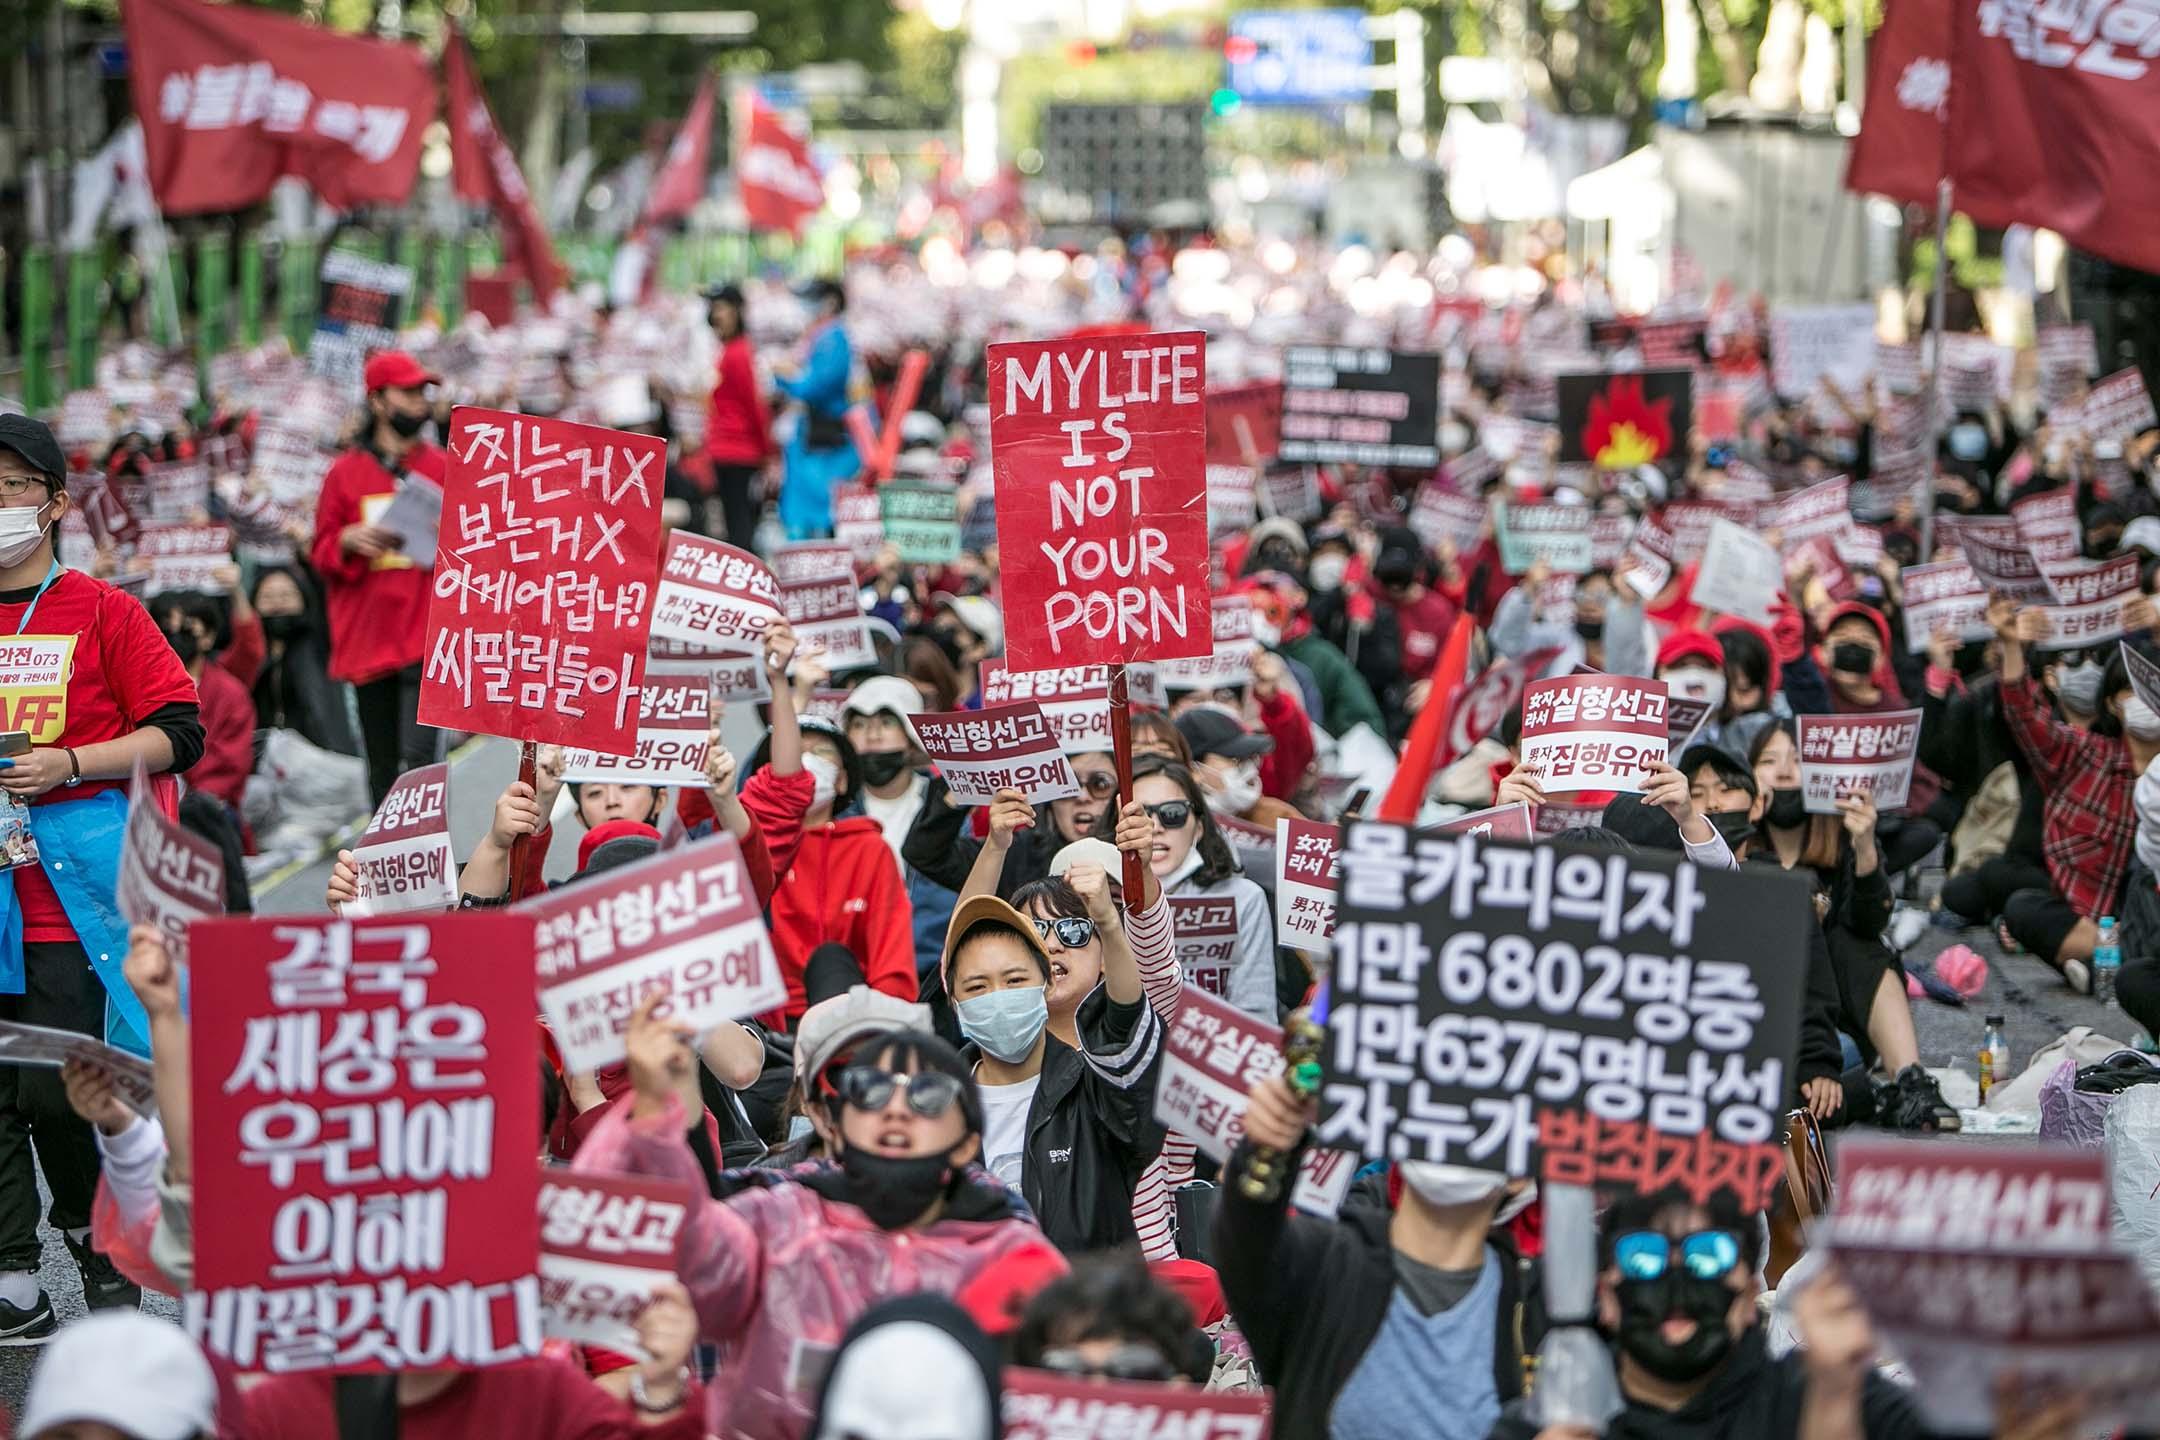 2018年10月6日韓國首爾,韓國婦女在首爾抗議性別歧視和色情偷拍。 攝:Jean Chung/Getty Images